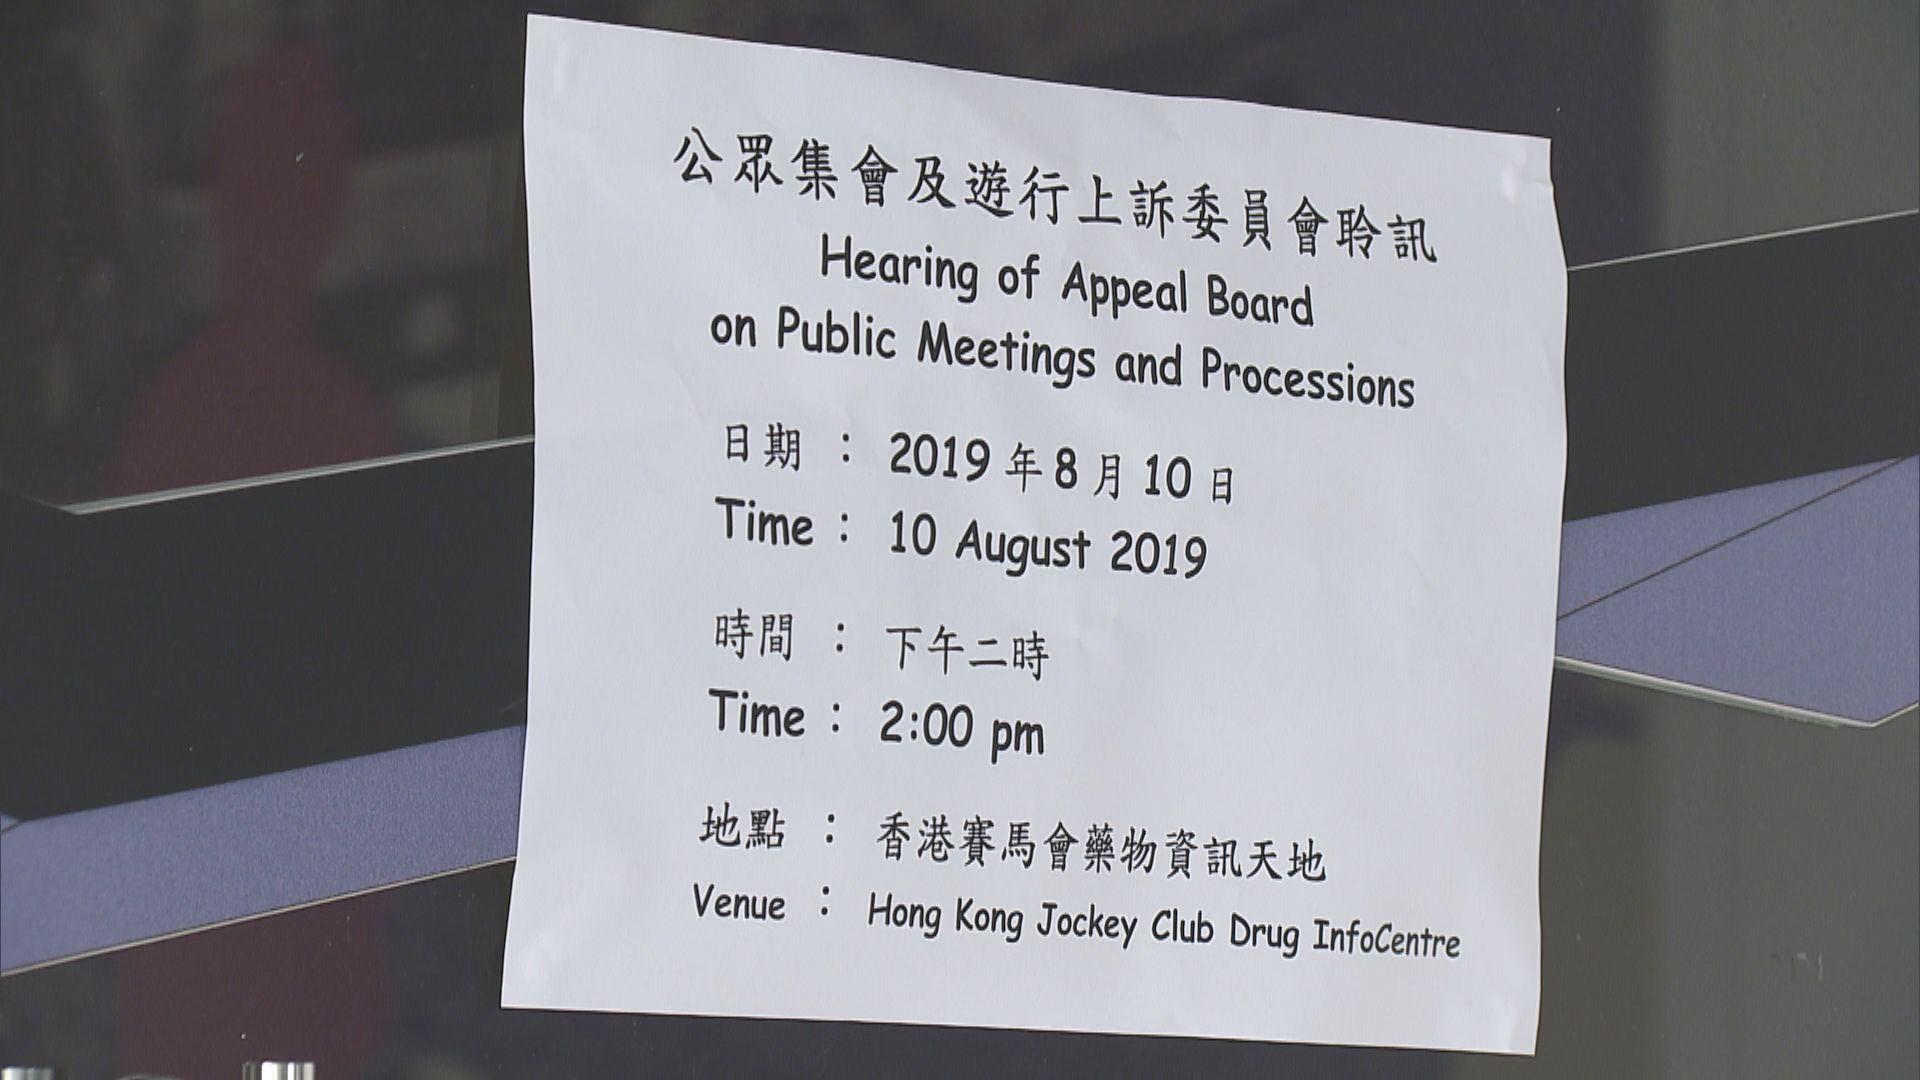 深水埗集會及遊行被警方反對 上訴亦遭駁回